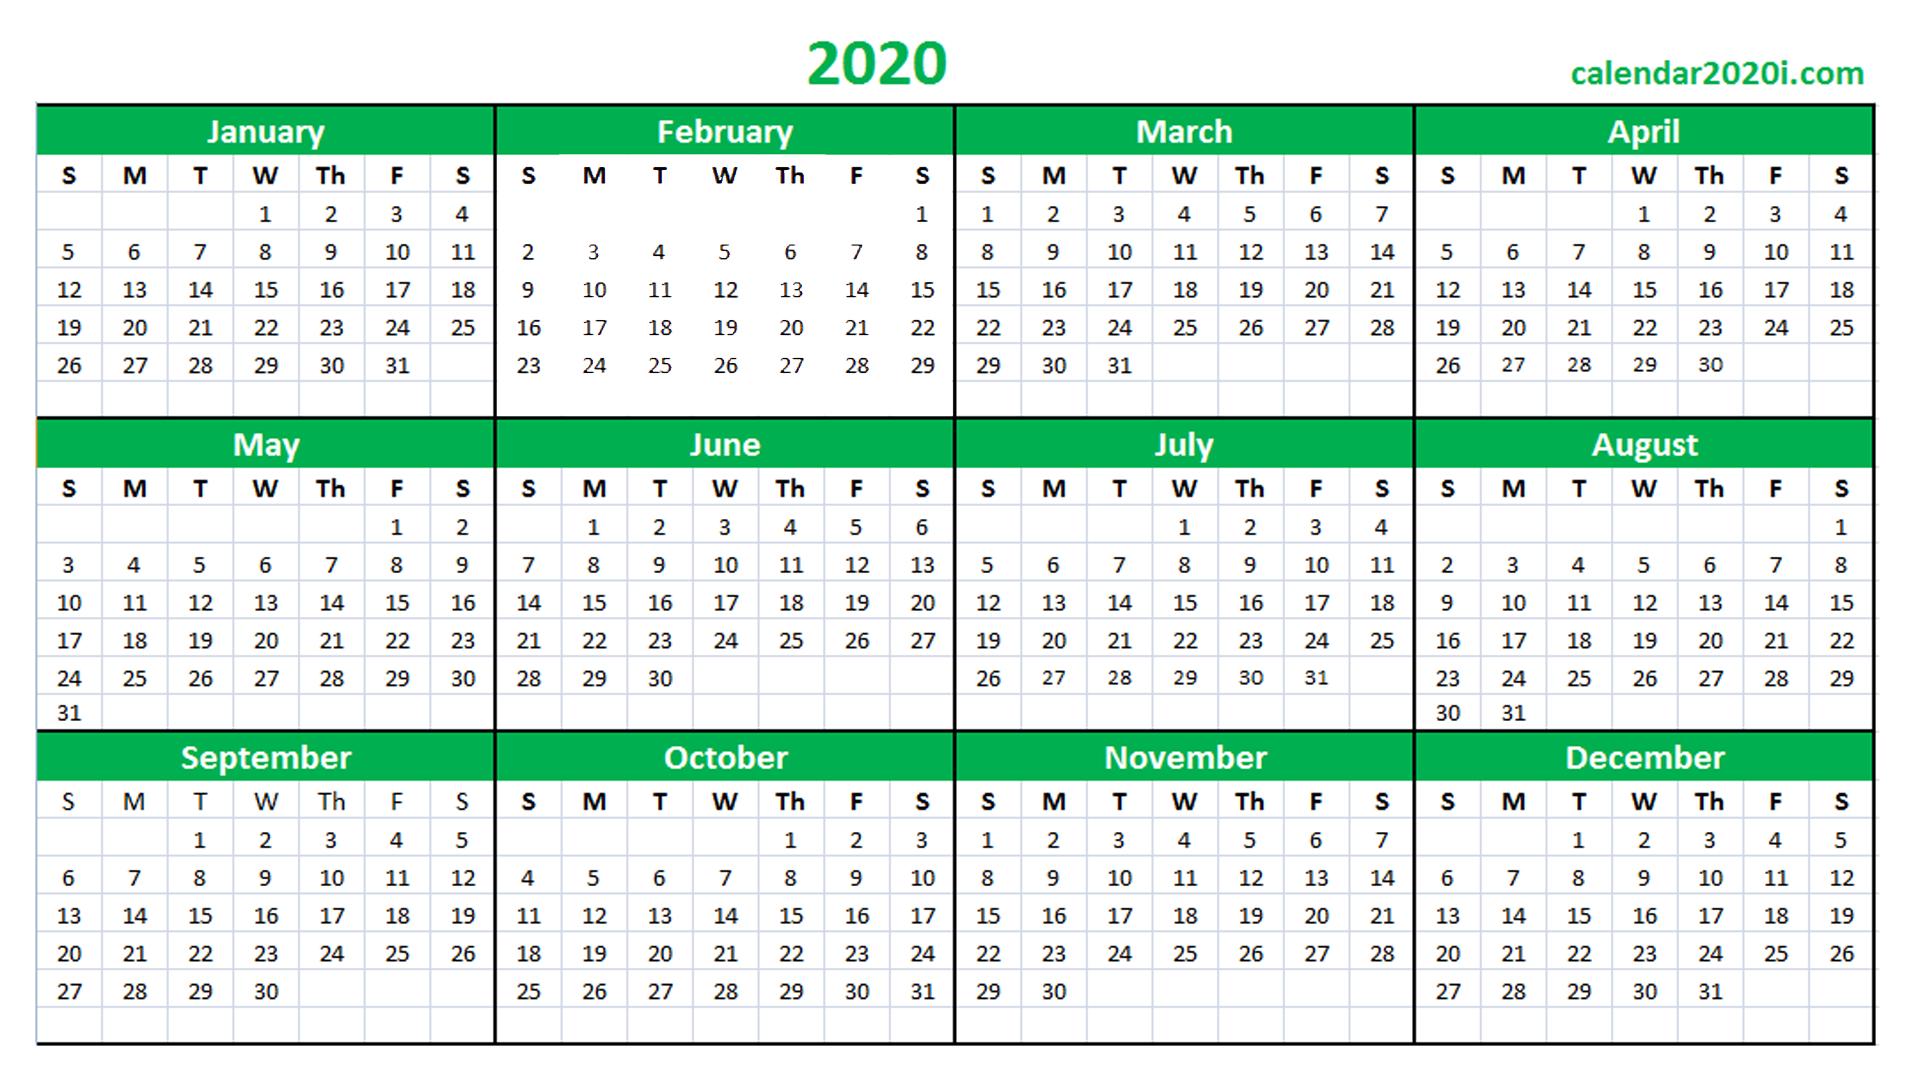 Calendar No Excel 2020 - Calendario 2019 with Formate Excell To Calendar